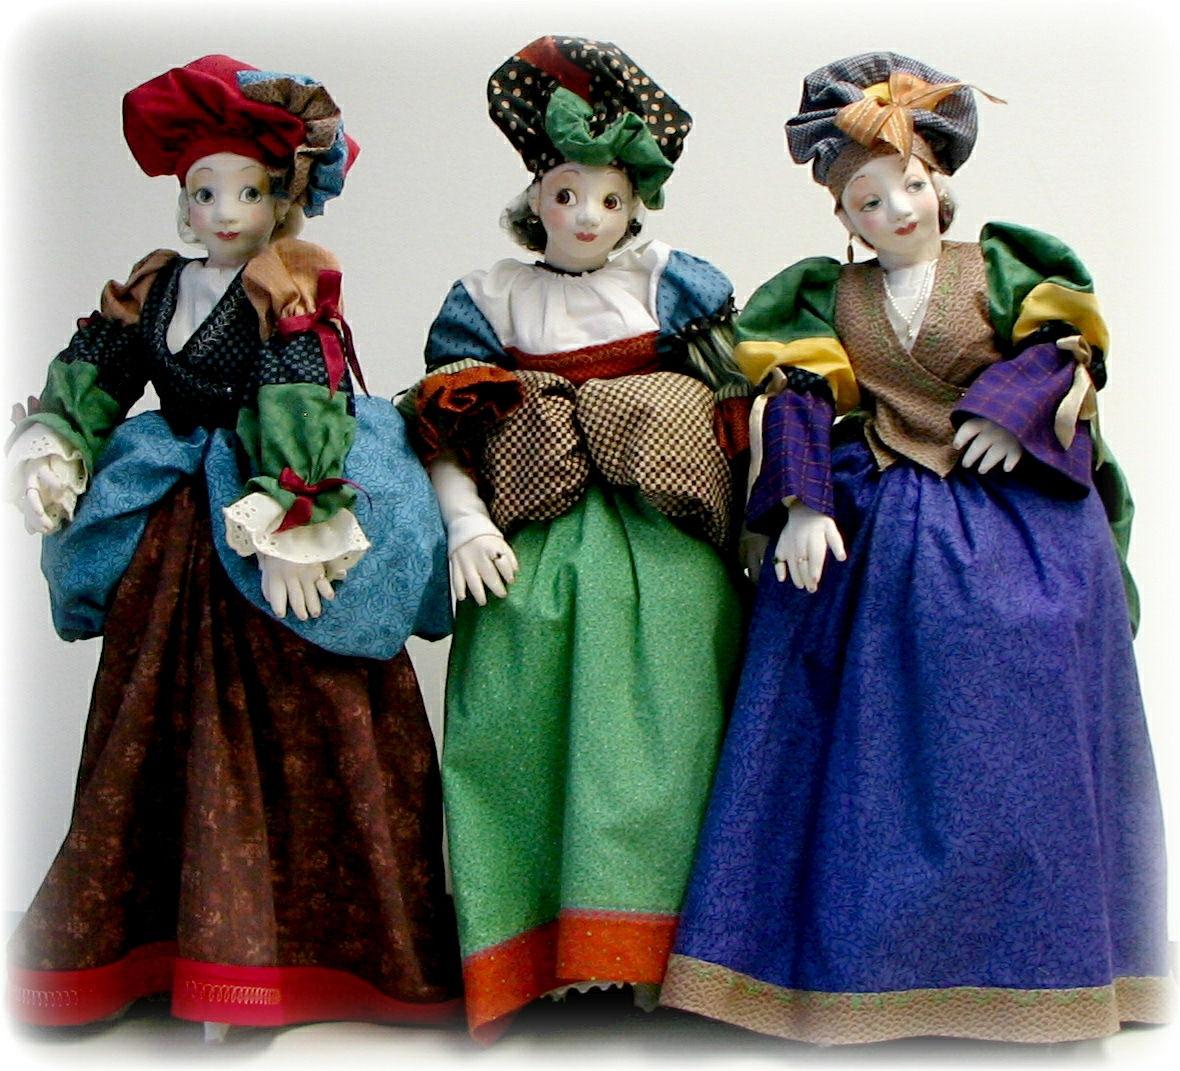 http://dollmakersjourney.com/LM316.jpg